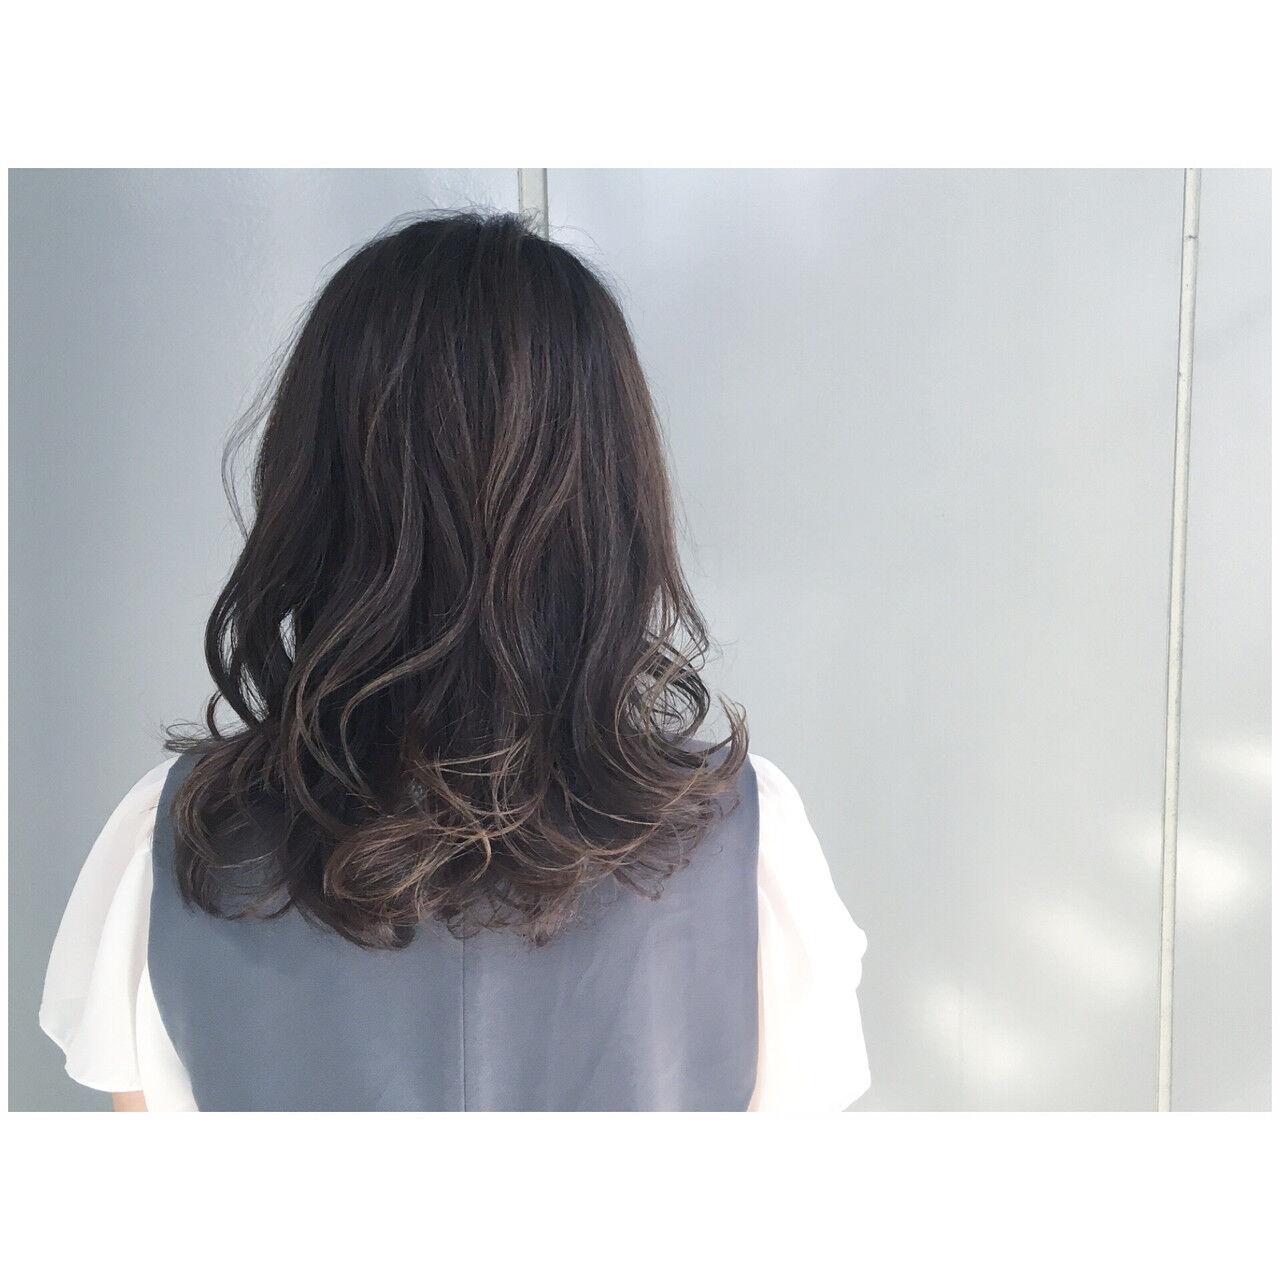 暗髪 グレージュ グレーアッシュ ミディアムヘアスタイルや髪型の写真・画像